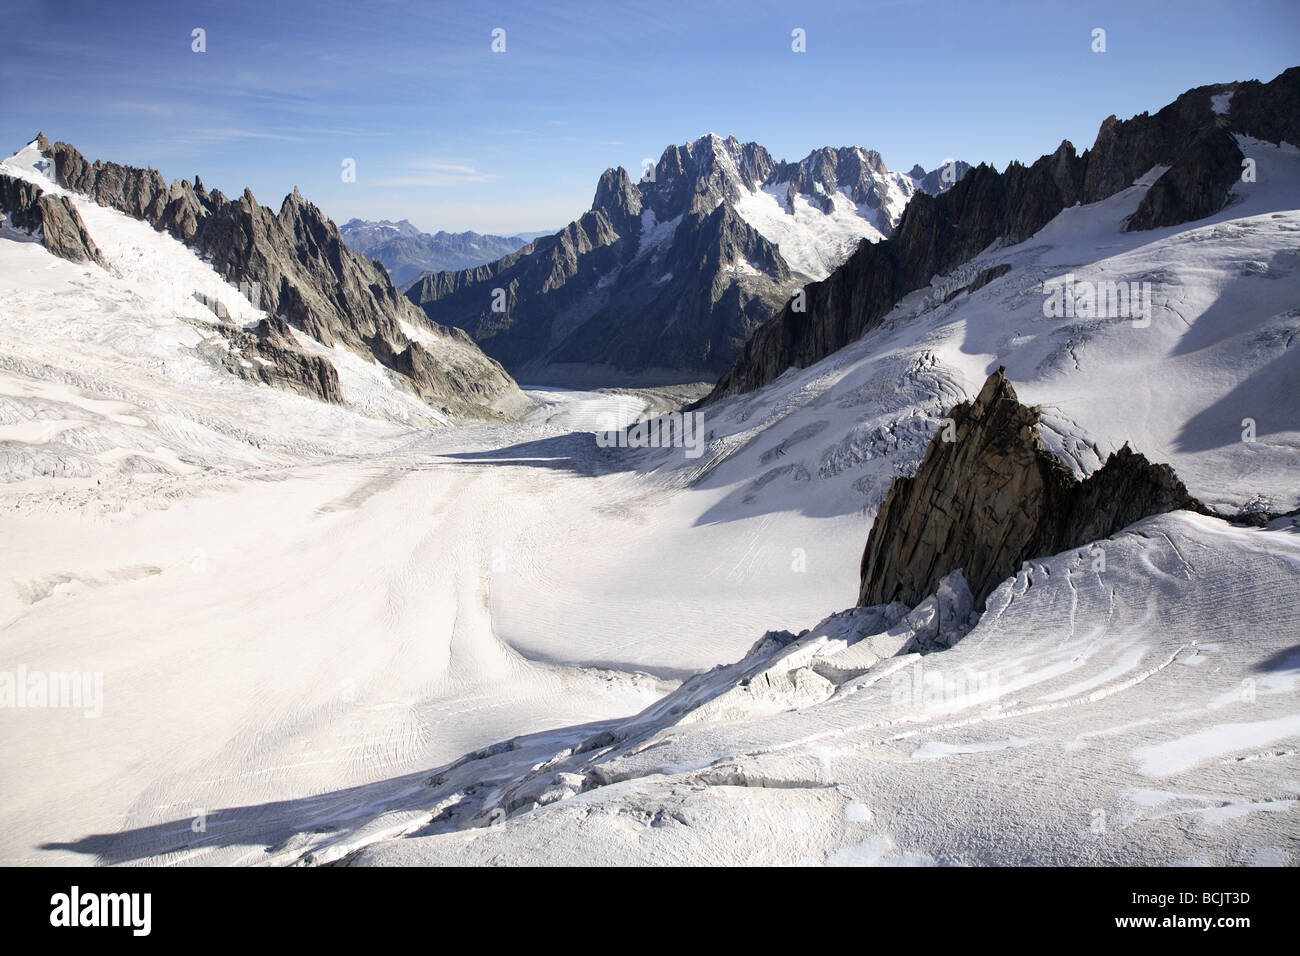 Berge und Gletscher in der Nähe von Mont blanc Stockbild